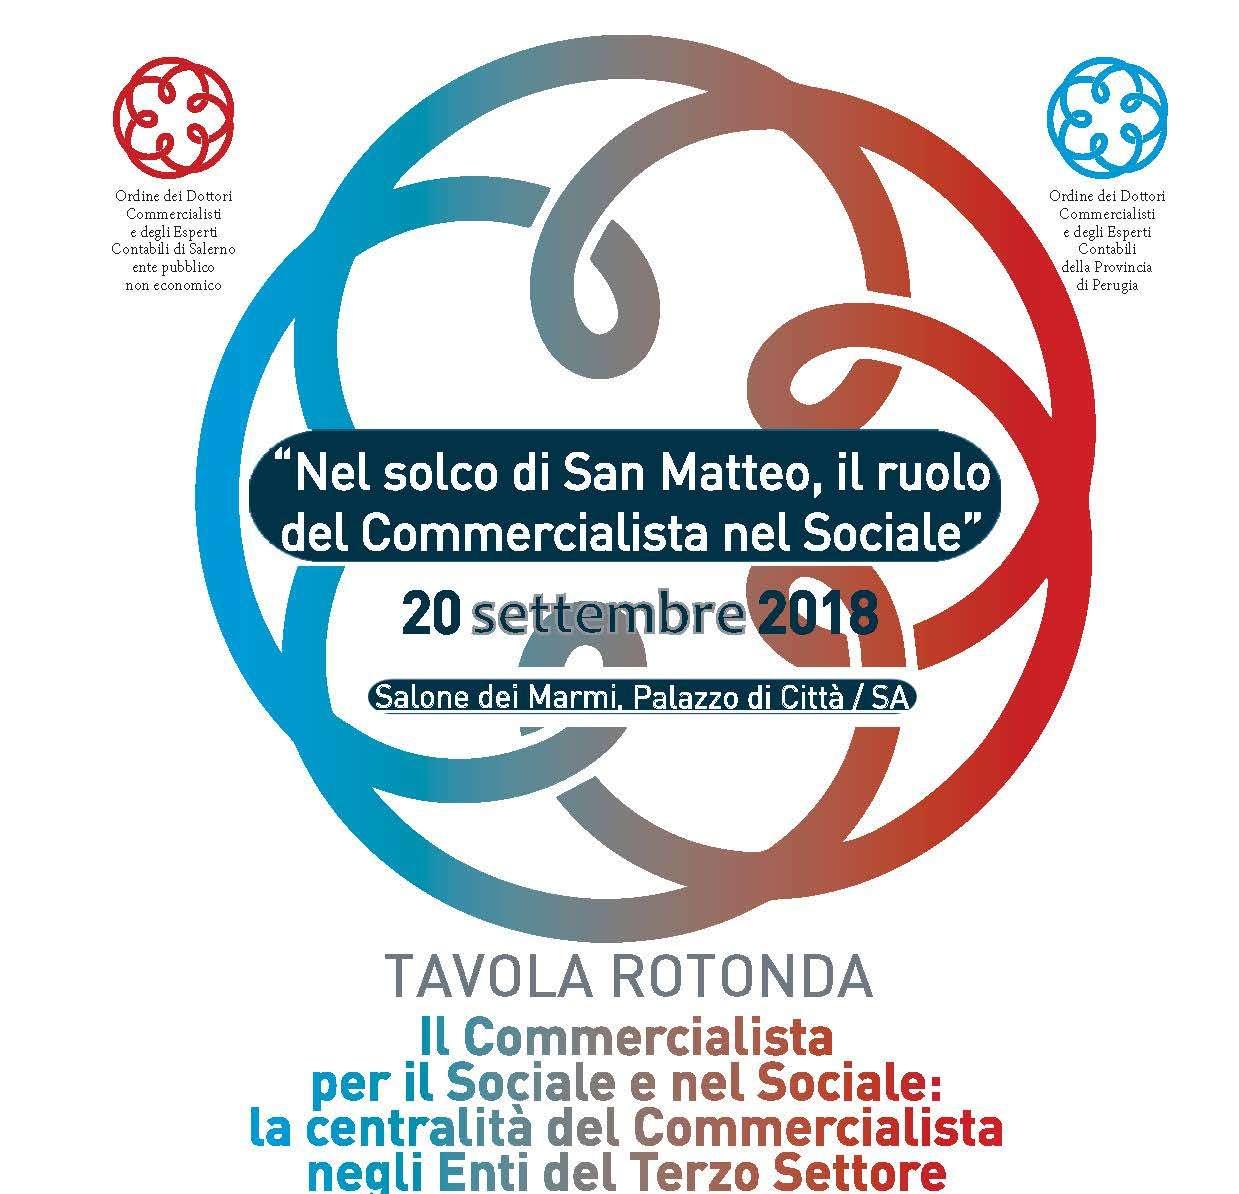 Commercialisti e Terzo Settore, il 20 settembre Tavola Rotonda a Salerno